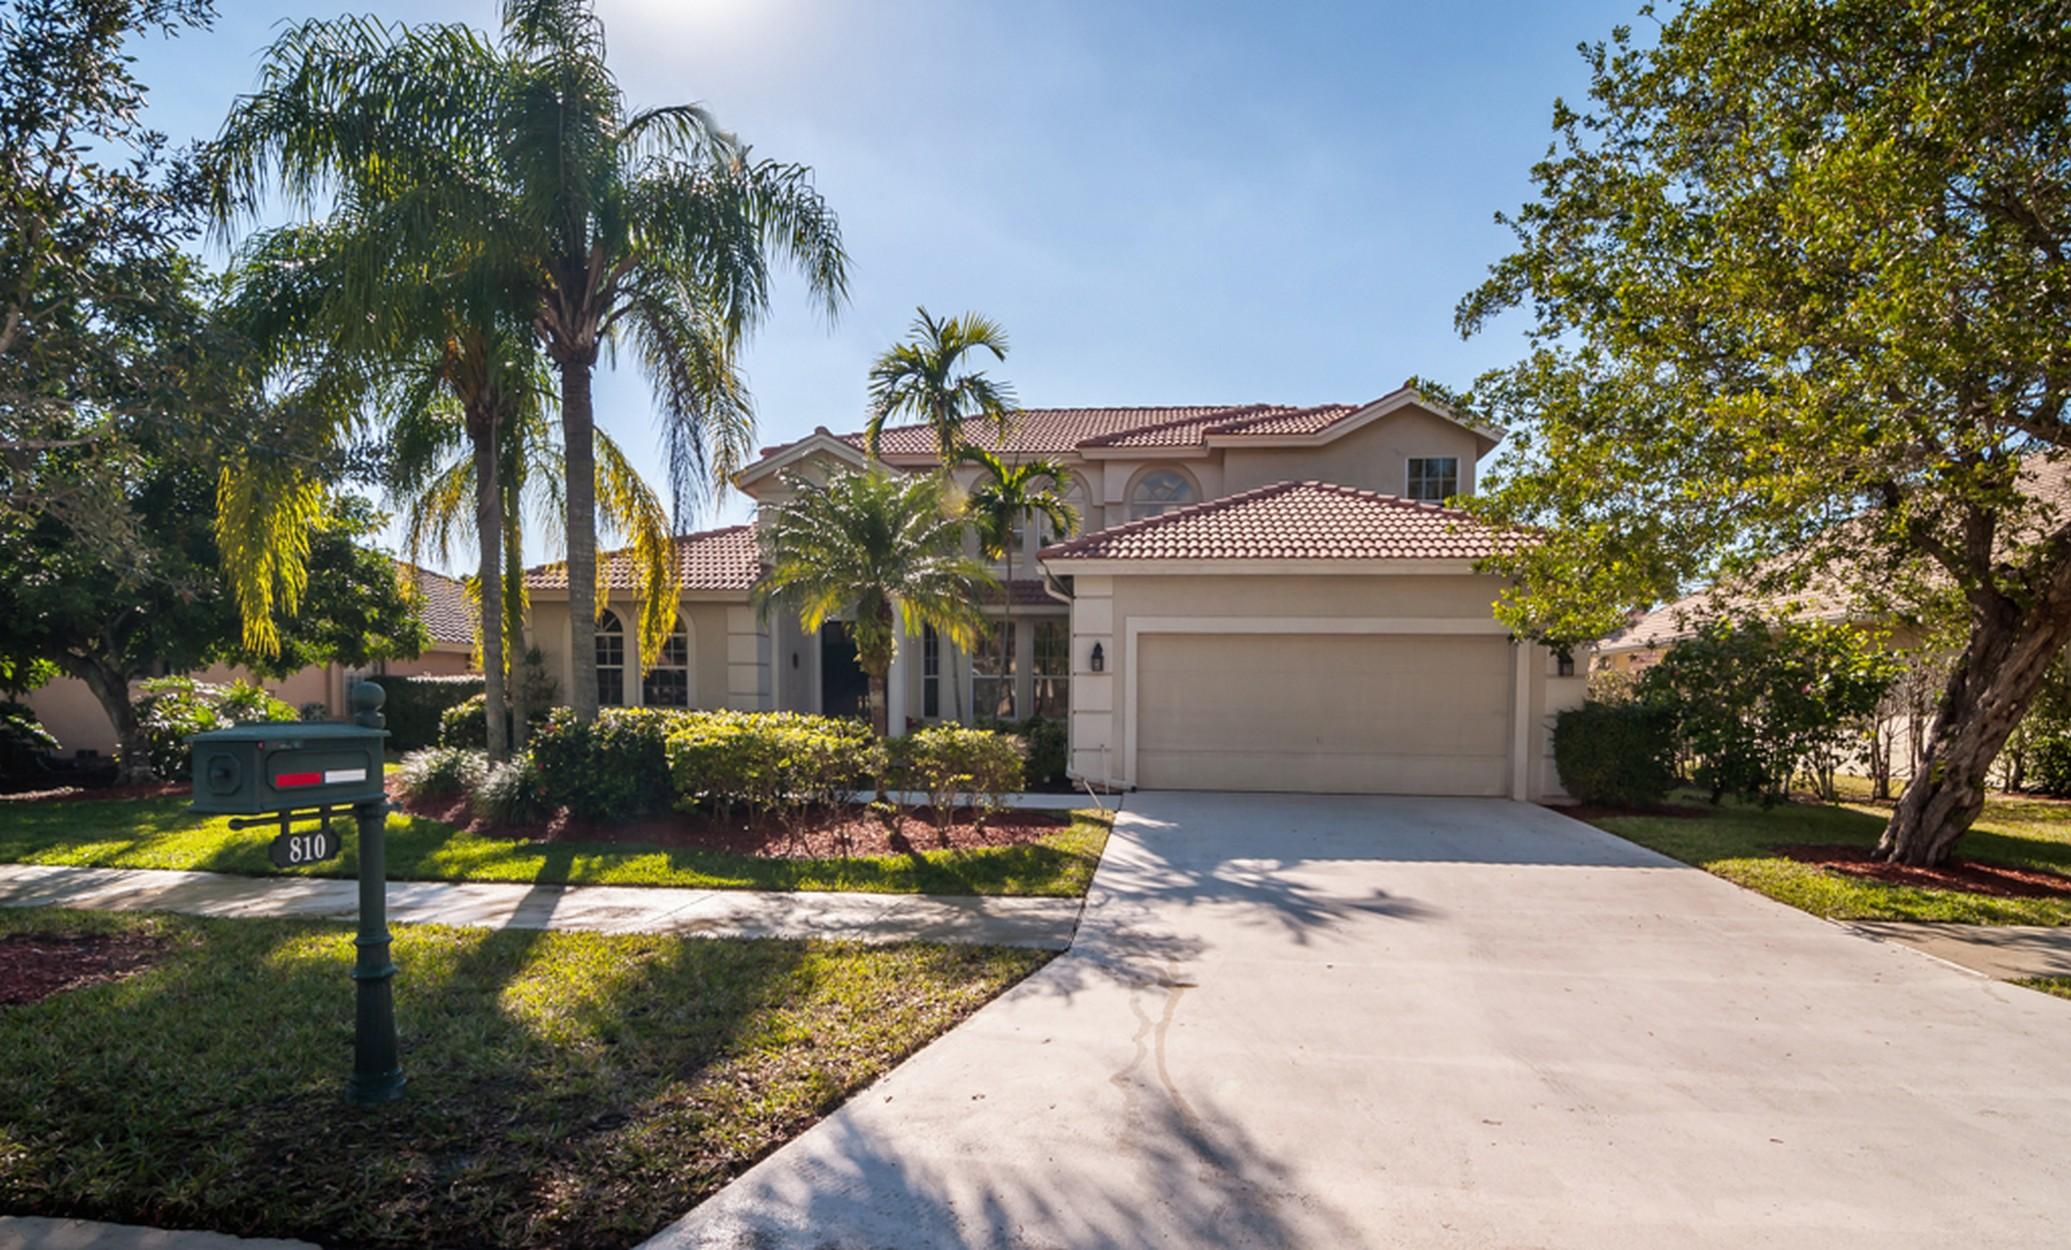 Casa Unifamiliar por un Venta en 810 Bayside Ln Weston, Florida, 33326 Estados Unidos